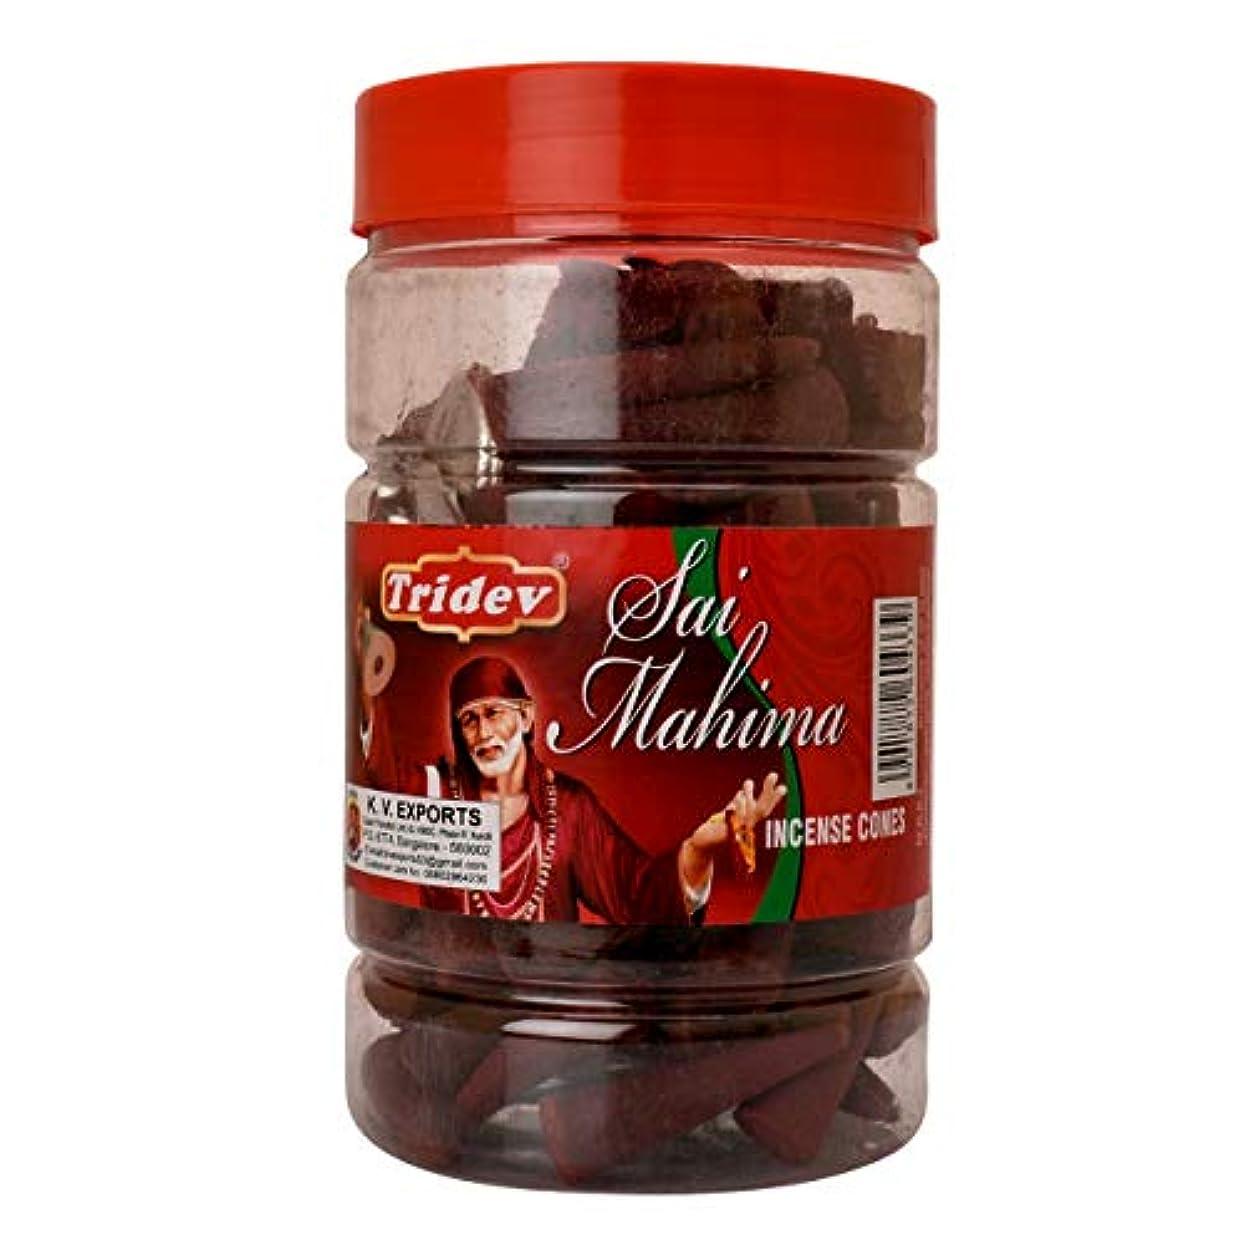 言及する甘やかす広まったTridev Sai Mahima フレグランス コーン型お香瓶 1350グラム ボックス入り | 6瓶 225グラム 箱入り | 輸出品質